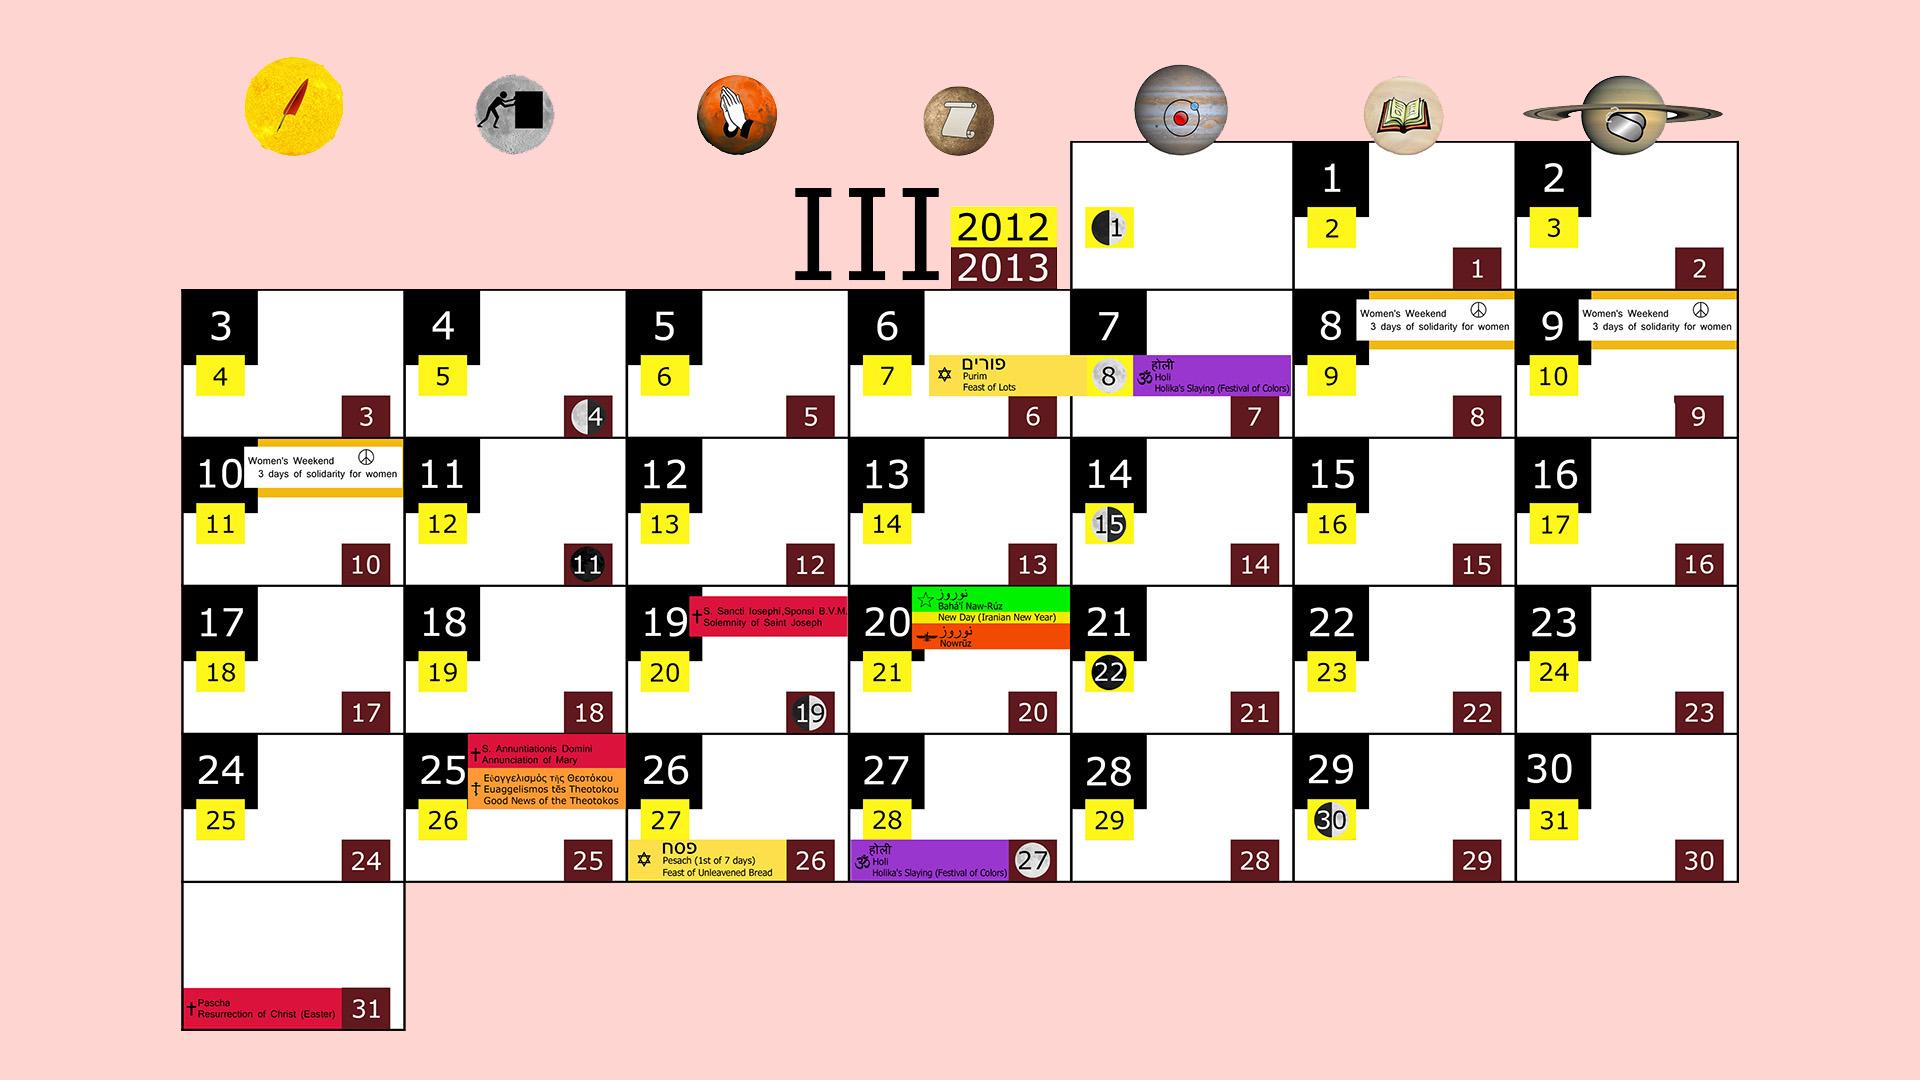 Miesięczny kalendarz świąt na marzec 2012 and 2013 na różowym tle